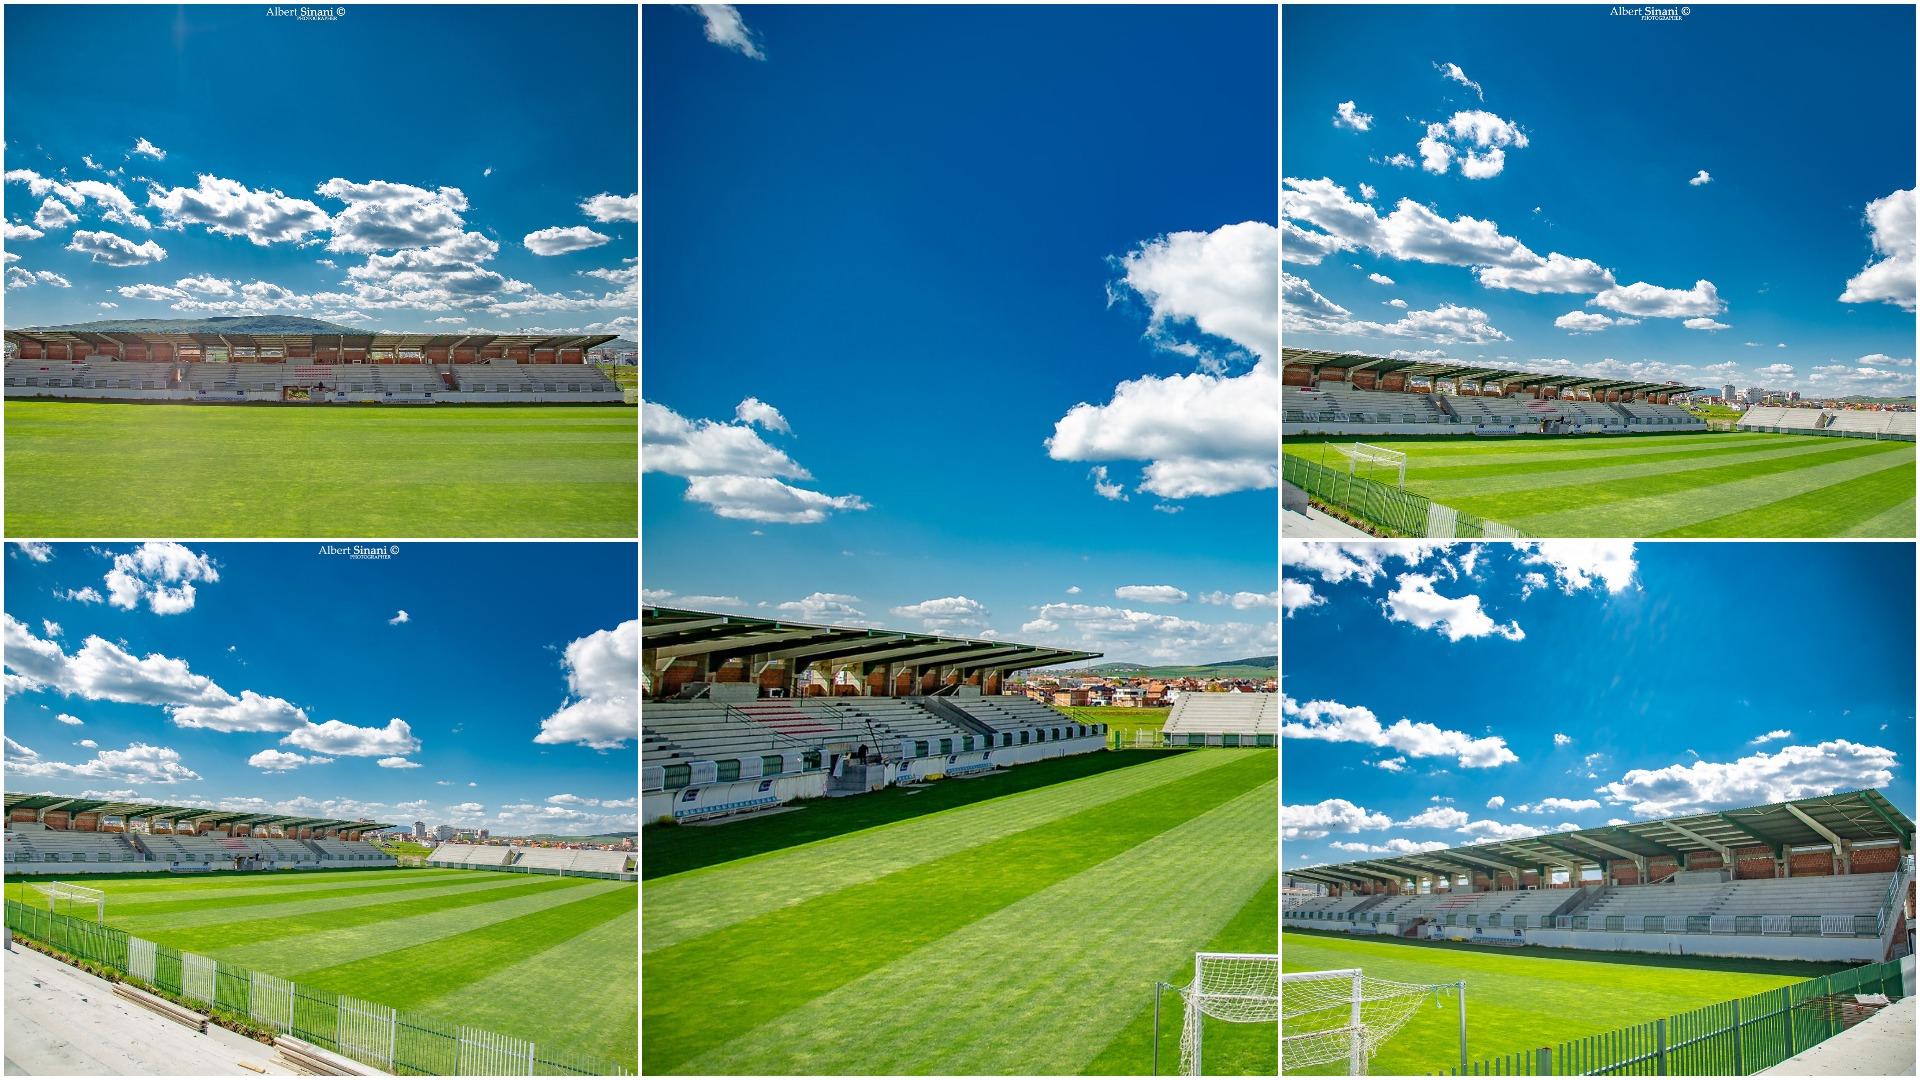 FOTO   Stadium i mrekullueshëm, shijoni impiantin e ri të Feronikelit